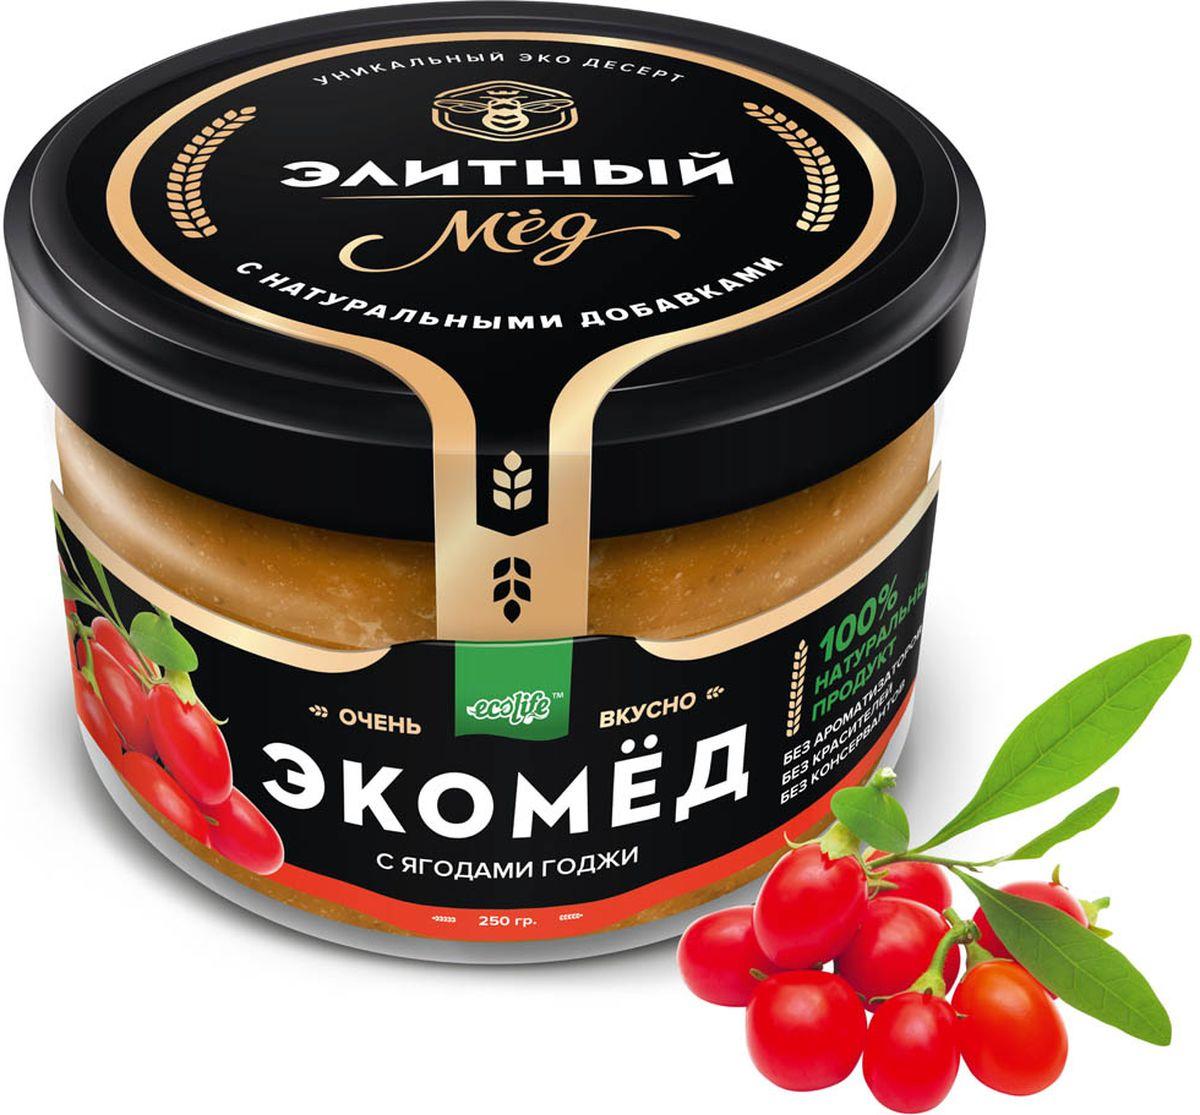 Ecolife Экомед с ягодами годжи, 250 г0120710100% натуральный экопродукт, имеющий в составе только натуральные ингредиенты. При изготовлении не используется дешевый подсолнечный мёд. Мед не нагревается, сохраняются все его полезные свойства. Экомёд не имеет эффекта расслаивания.